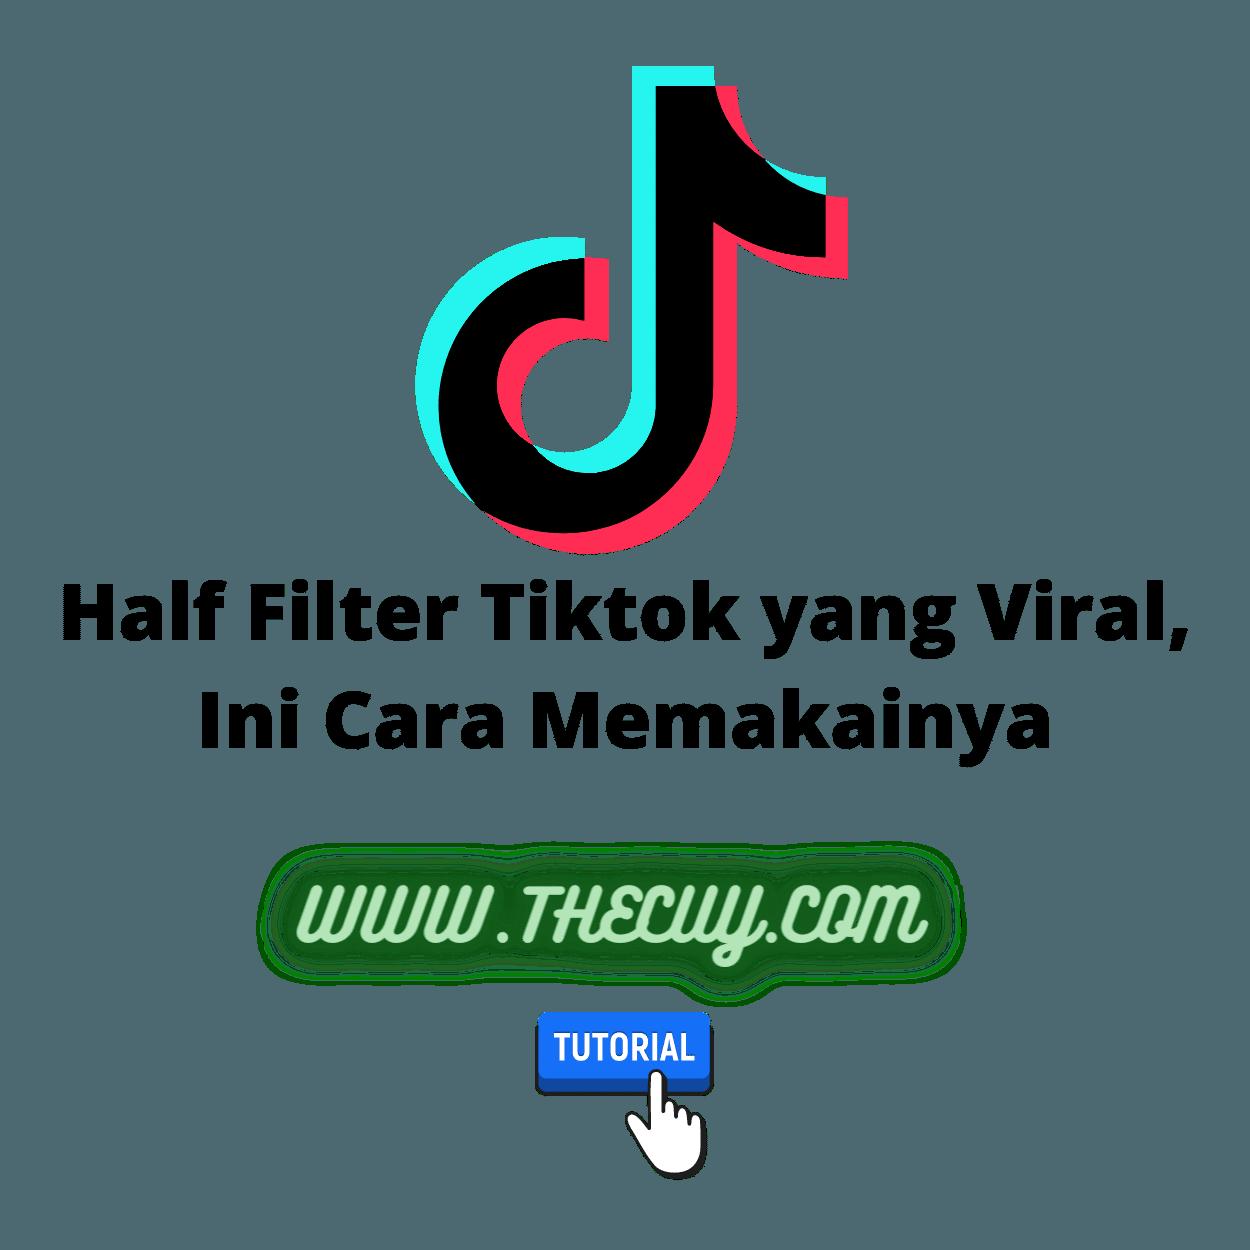 Half Filter Tiktok yang Viral, Ini Cara Memakainya